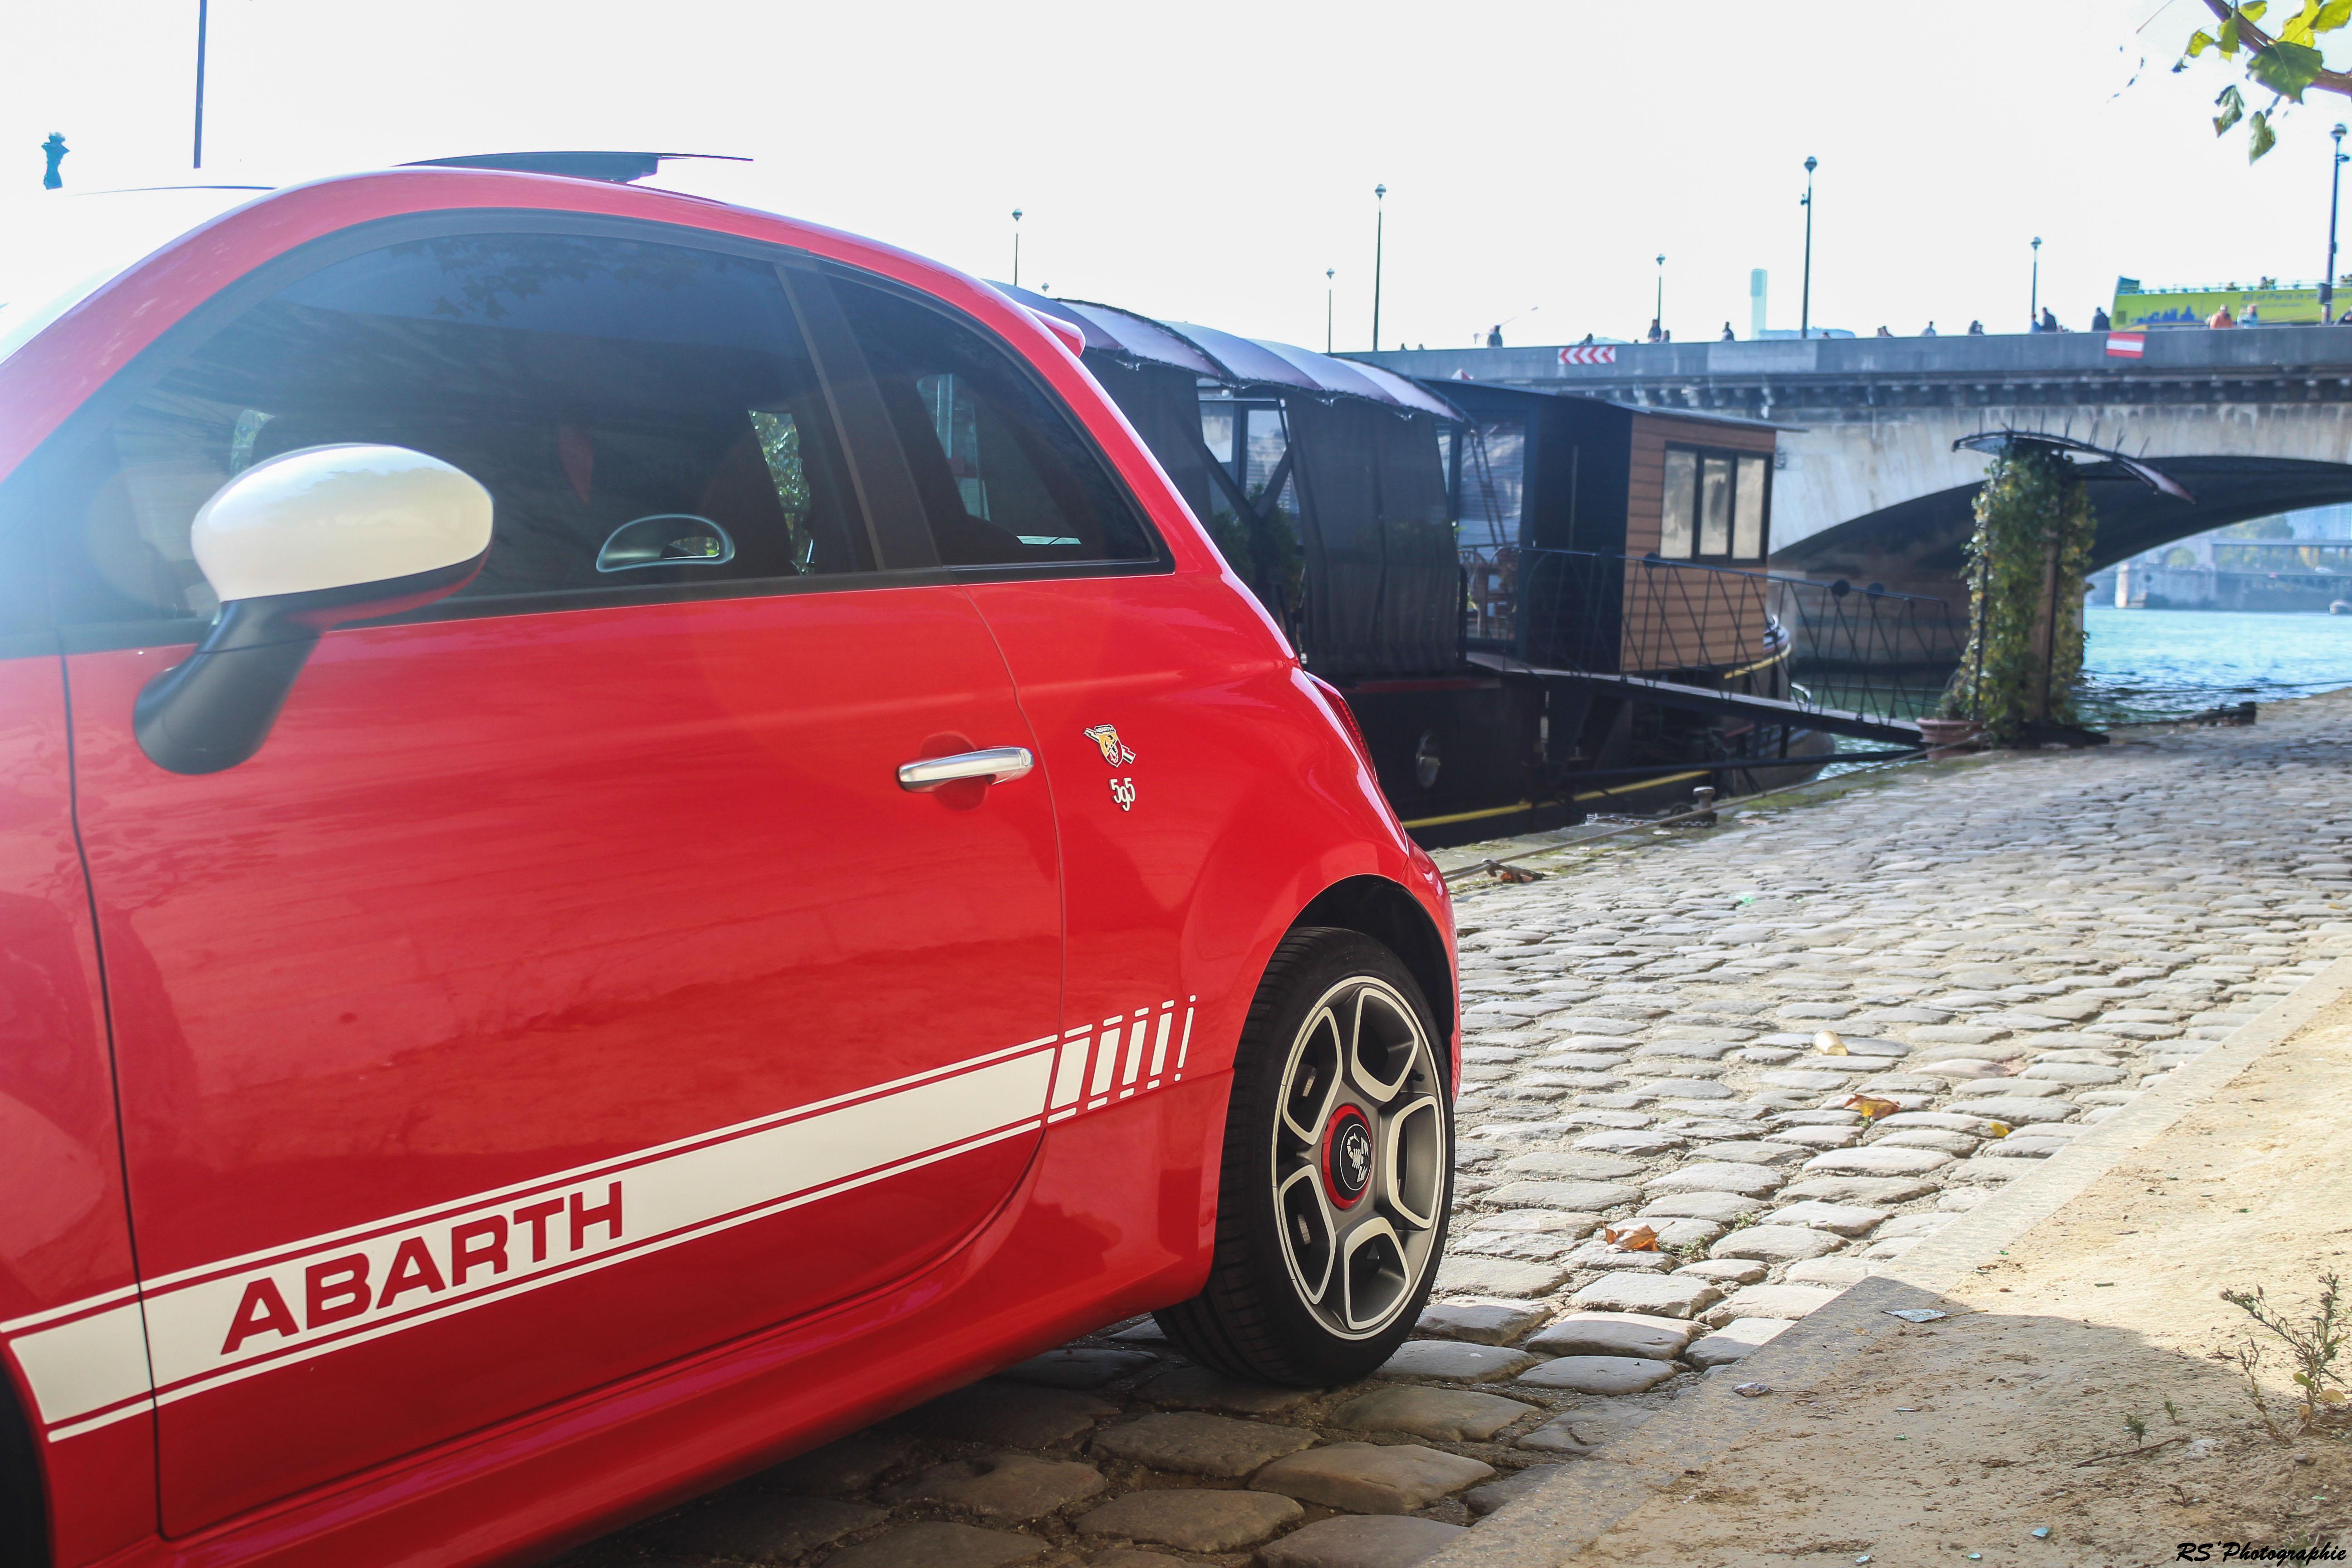 Abarth 595 - côté arrière / rear side view - photo Arnaud Demasier - RS Photographie